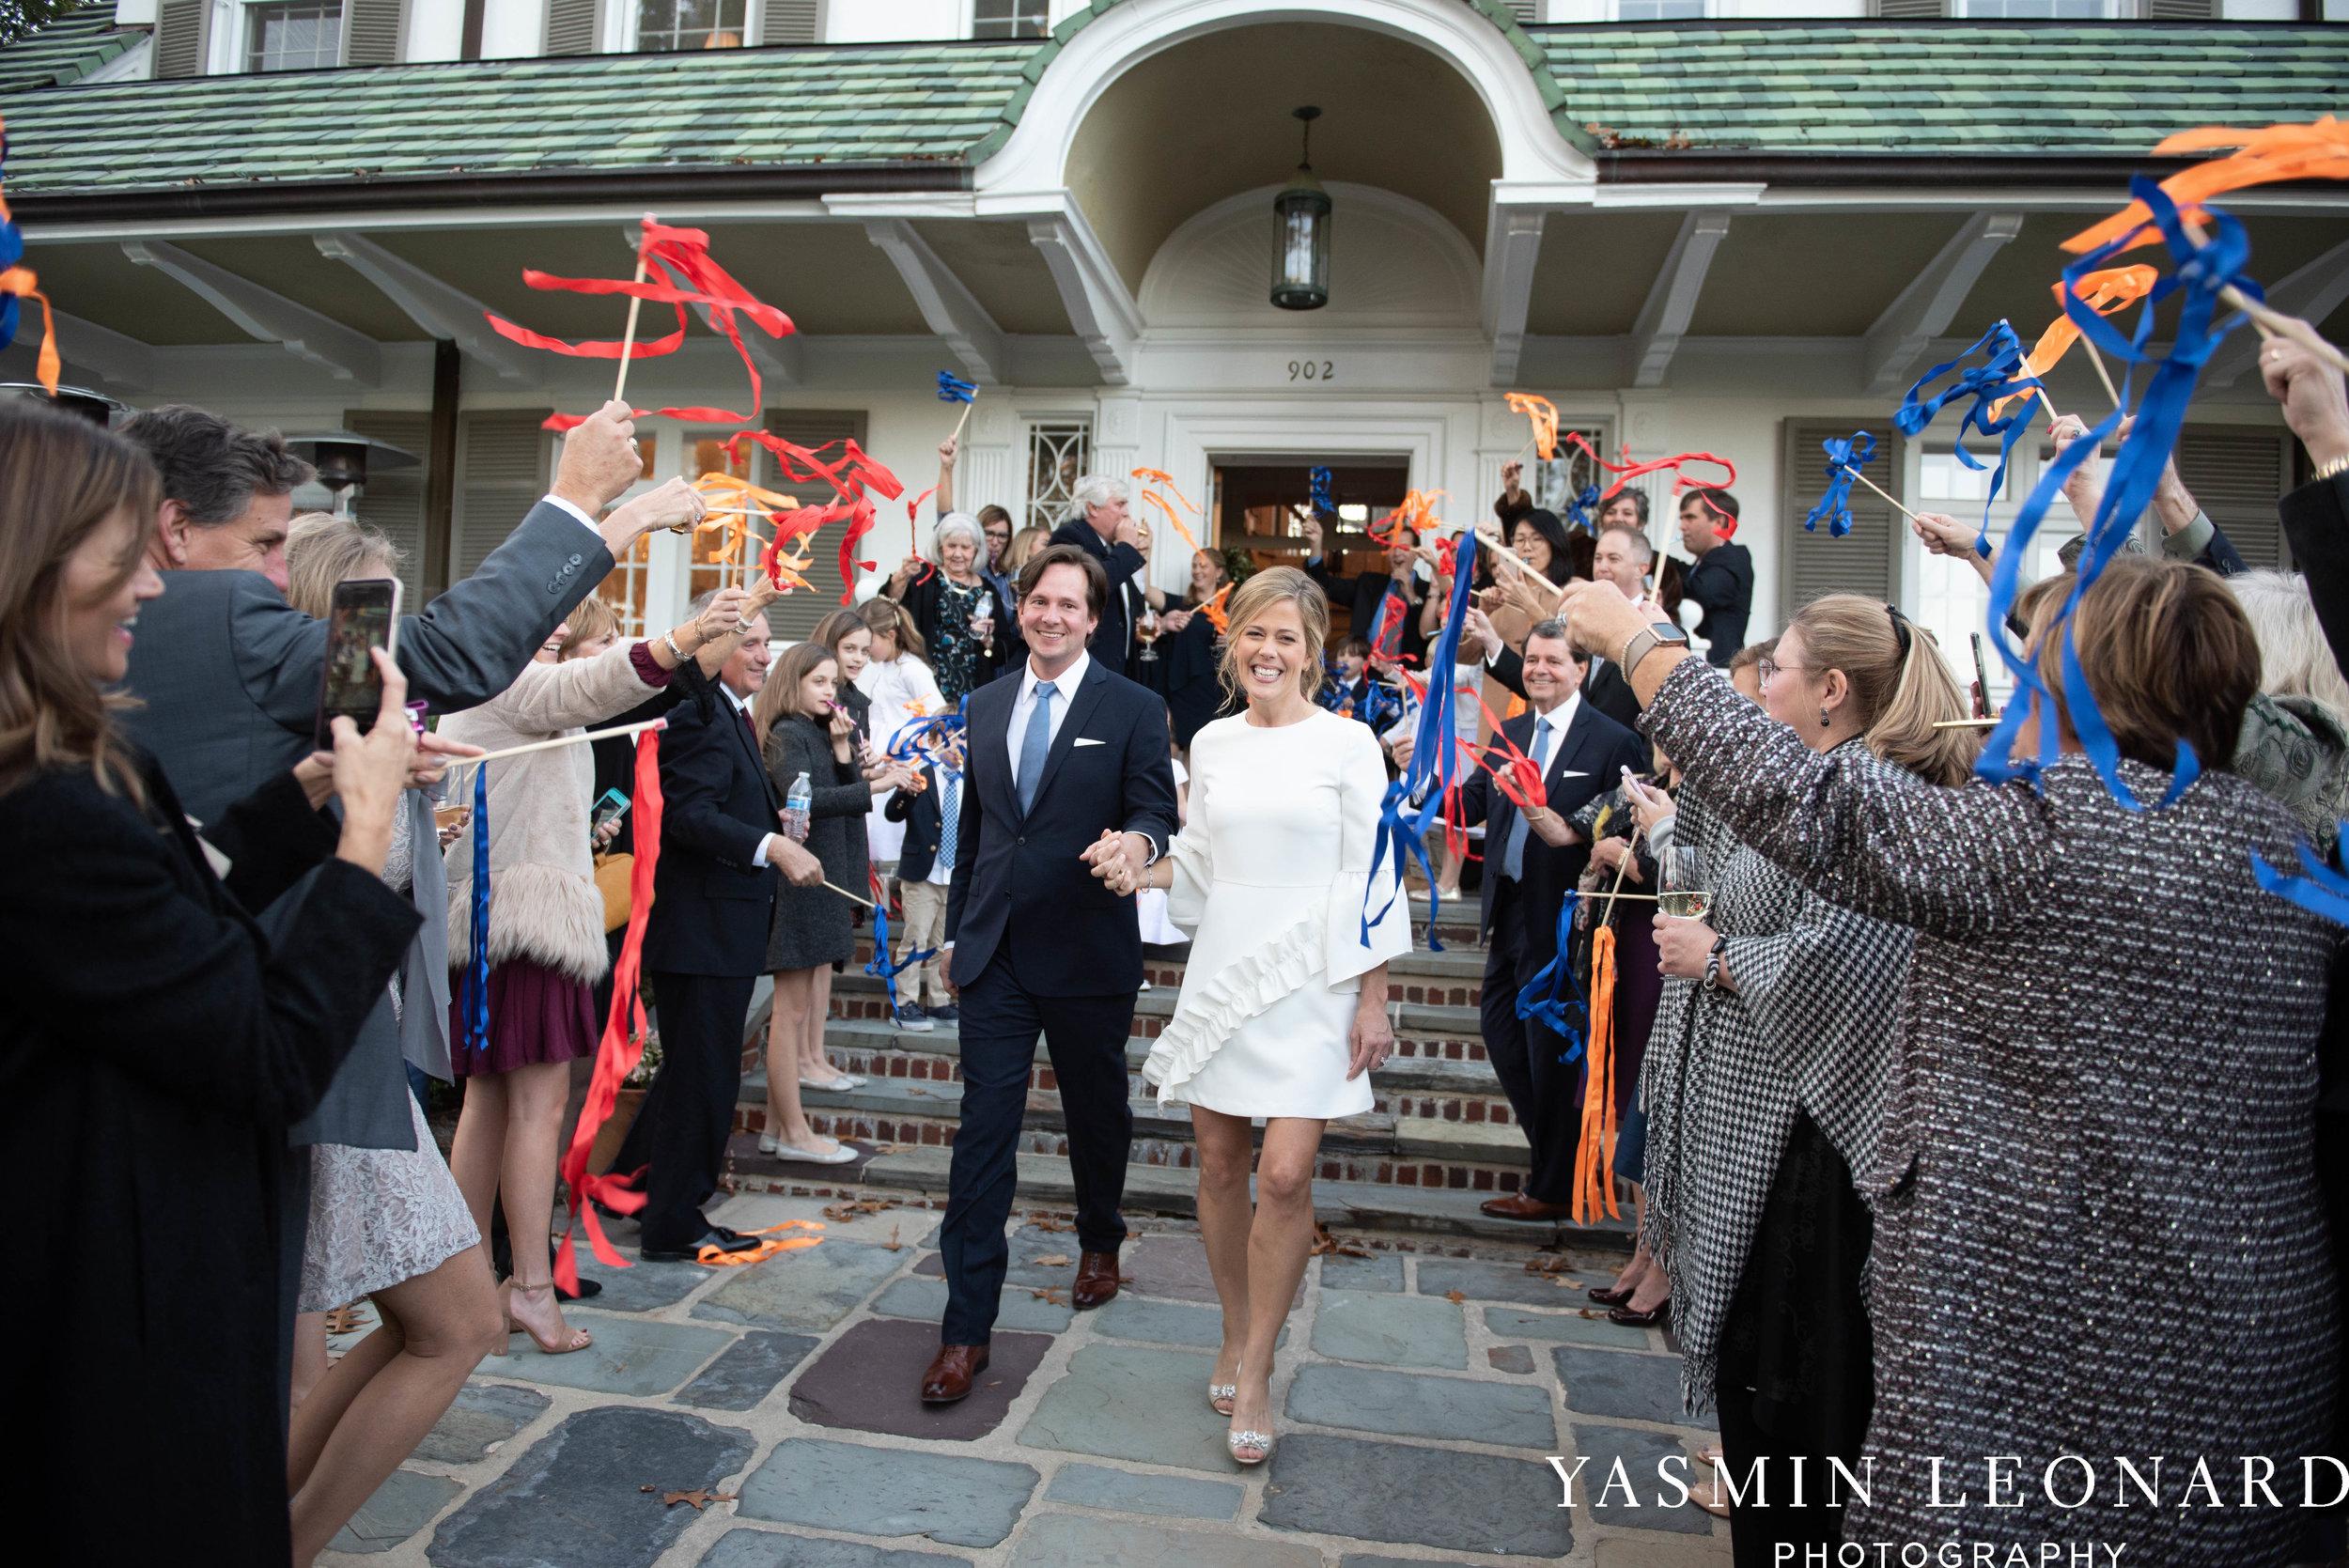 Wesley Memorial United Methodist Church - EmeryWood - High Point Weddings - High Point Wedding Photographer - NC Wedding Photographer - Yasmin Leonard Photography-76.jpg